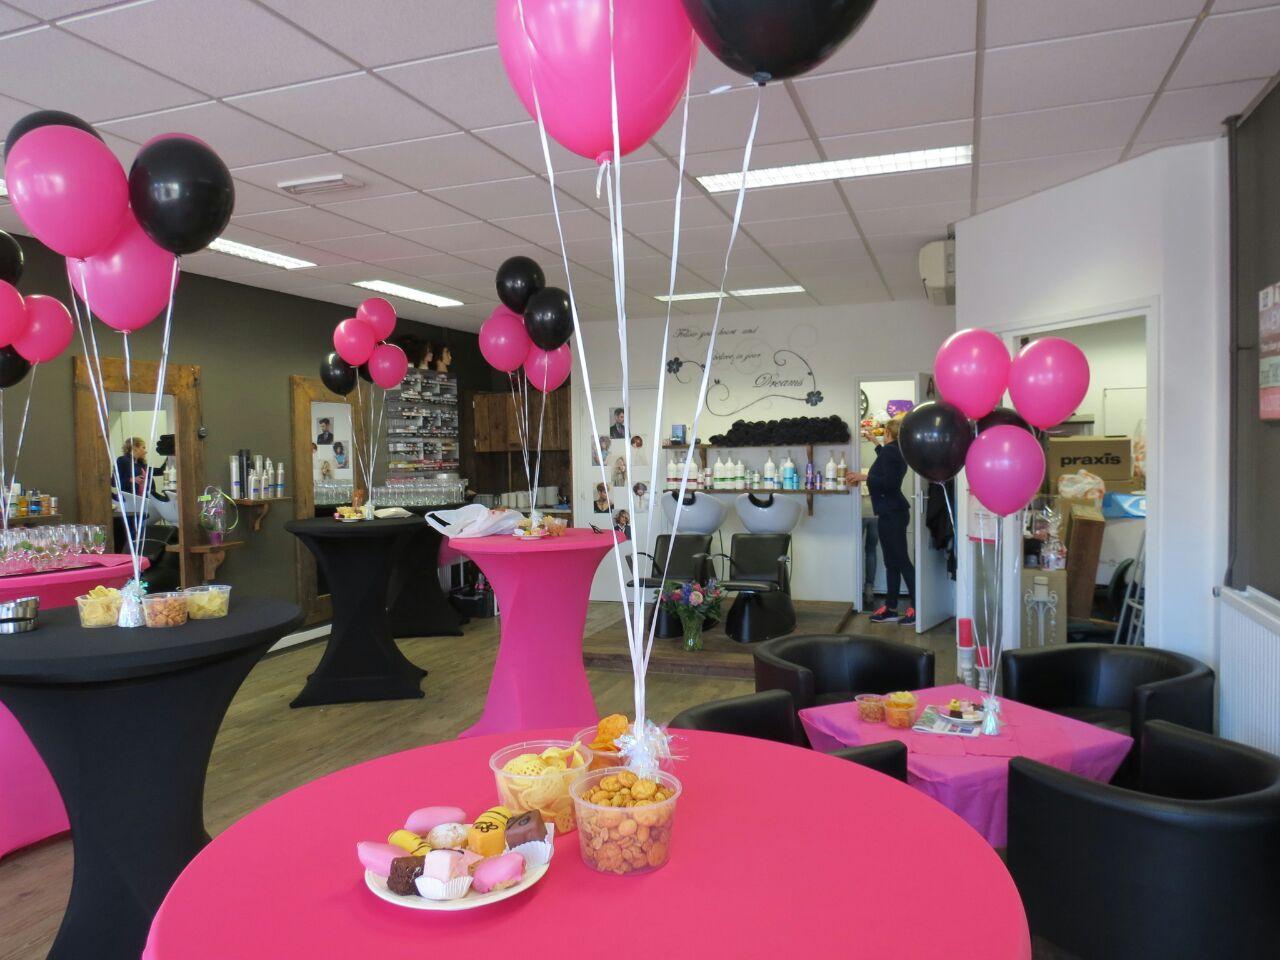 Tafeldecoratie helium ballonnen wink events for Ballonnen decoratie zelf maken